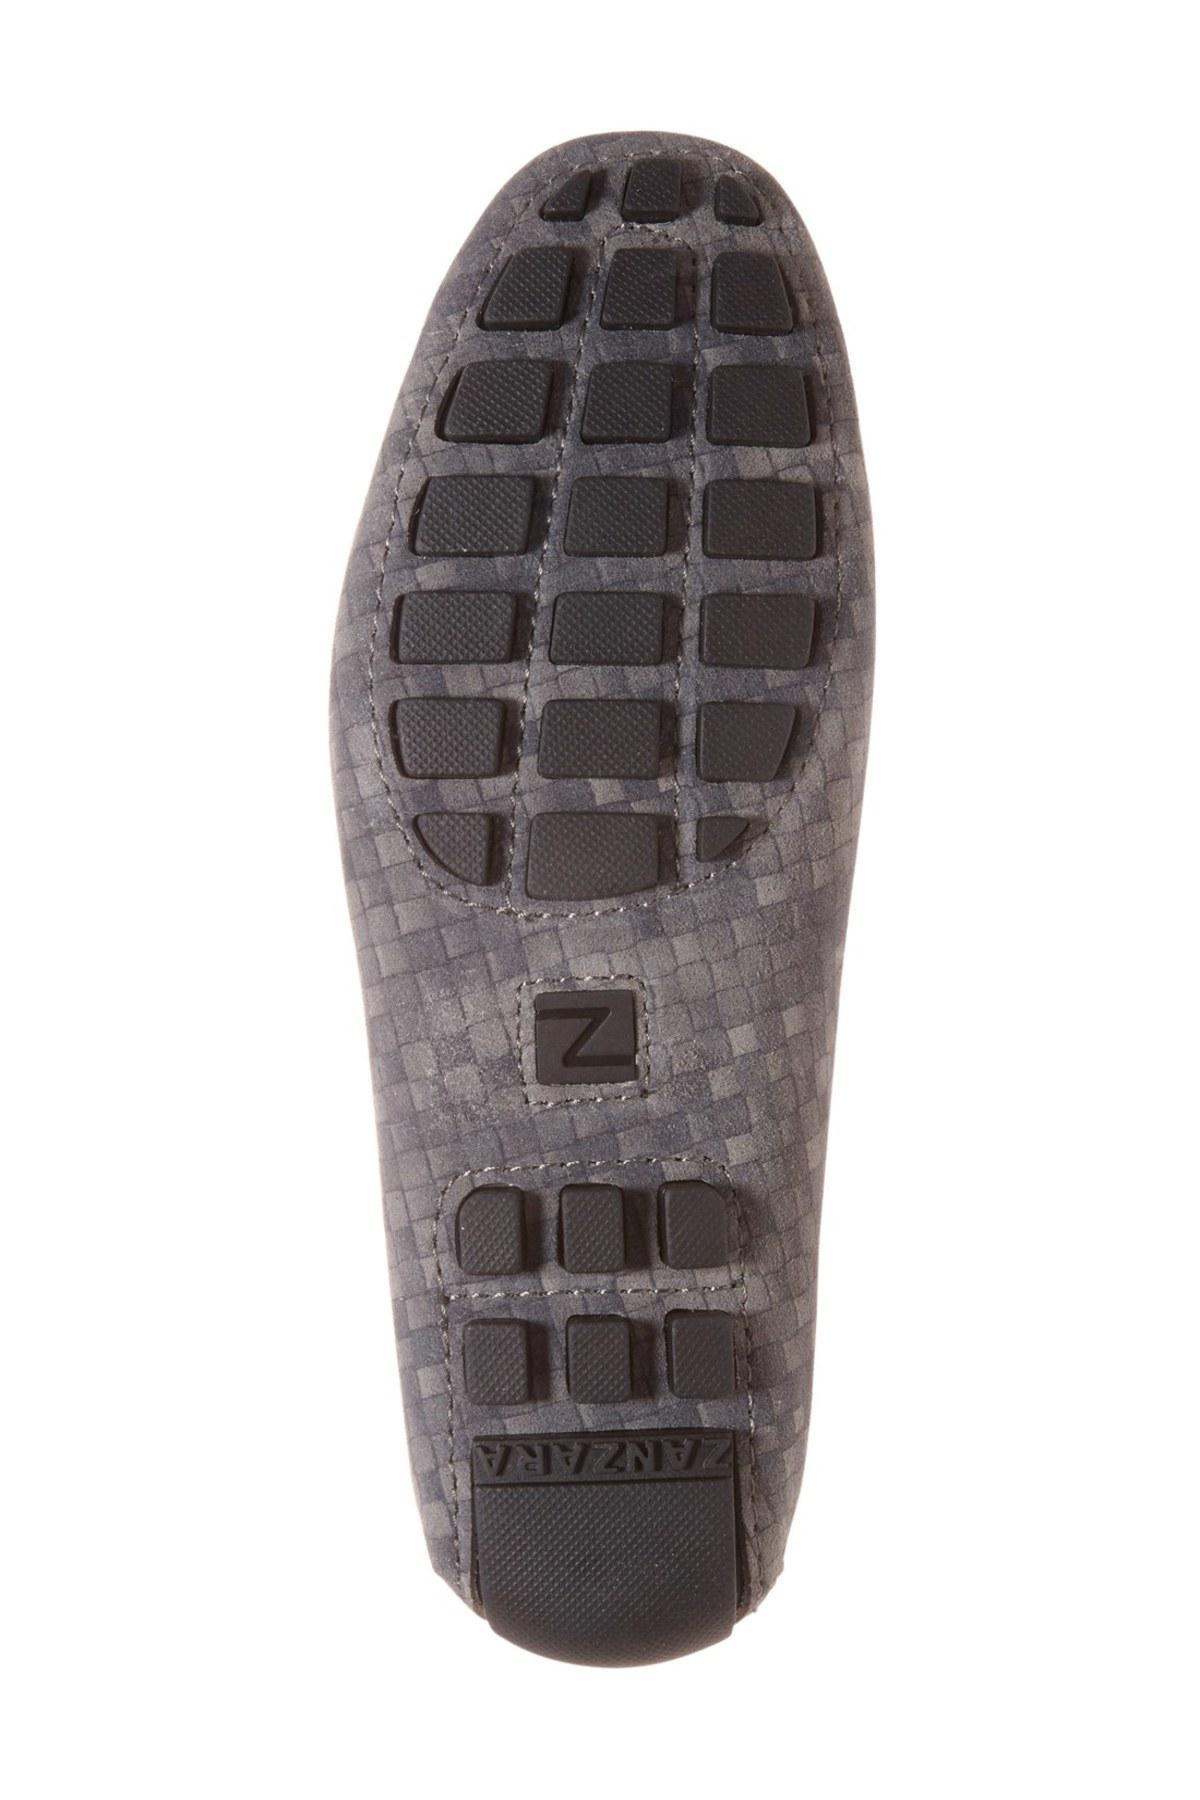 Zanzara U0026#39;davinciu0026#39; Driving Loafer In Gray For Men | Lyst